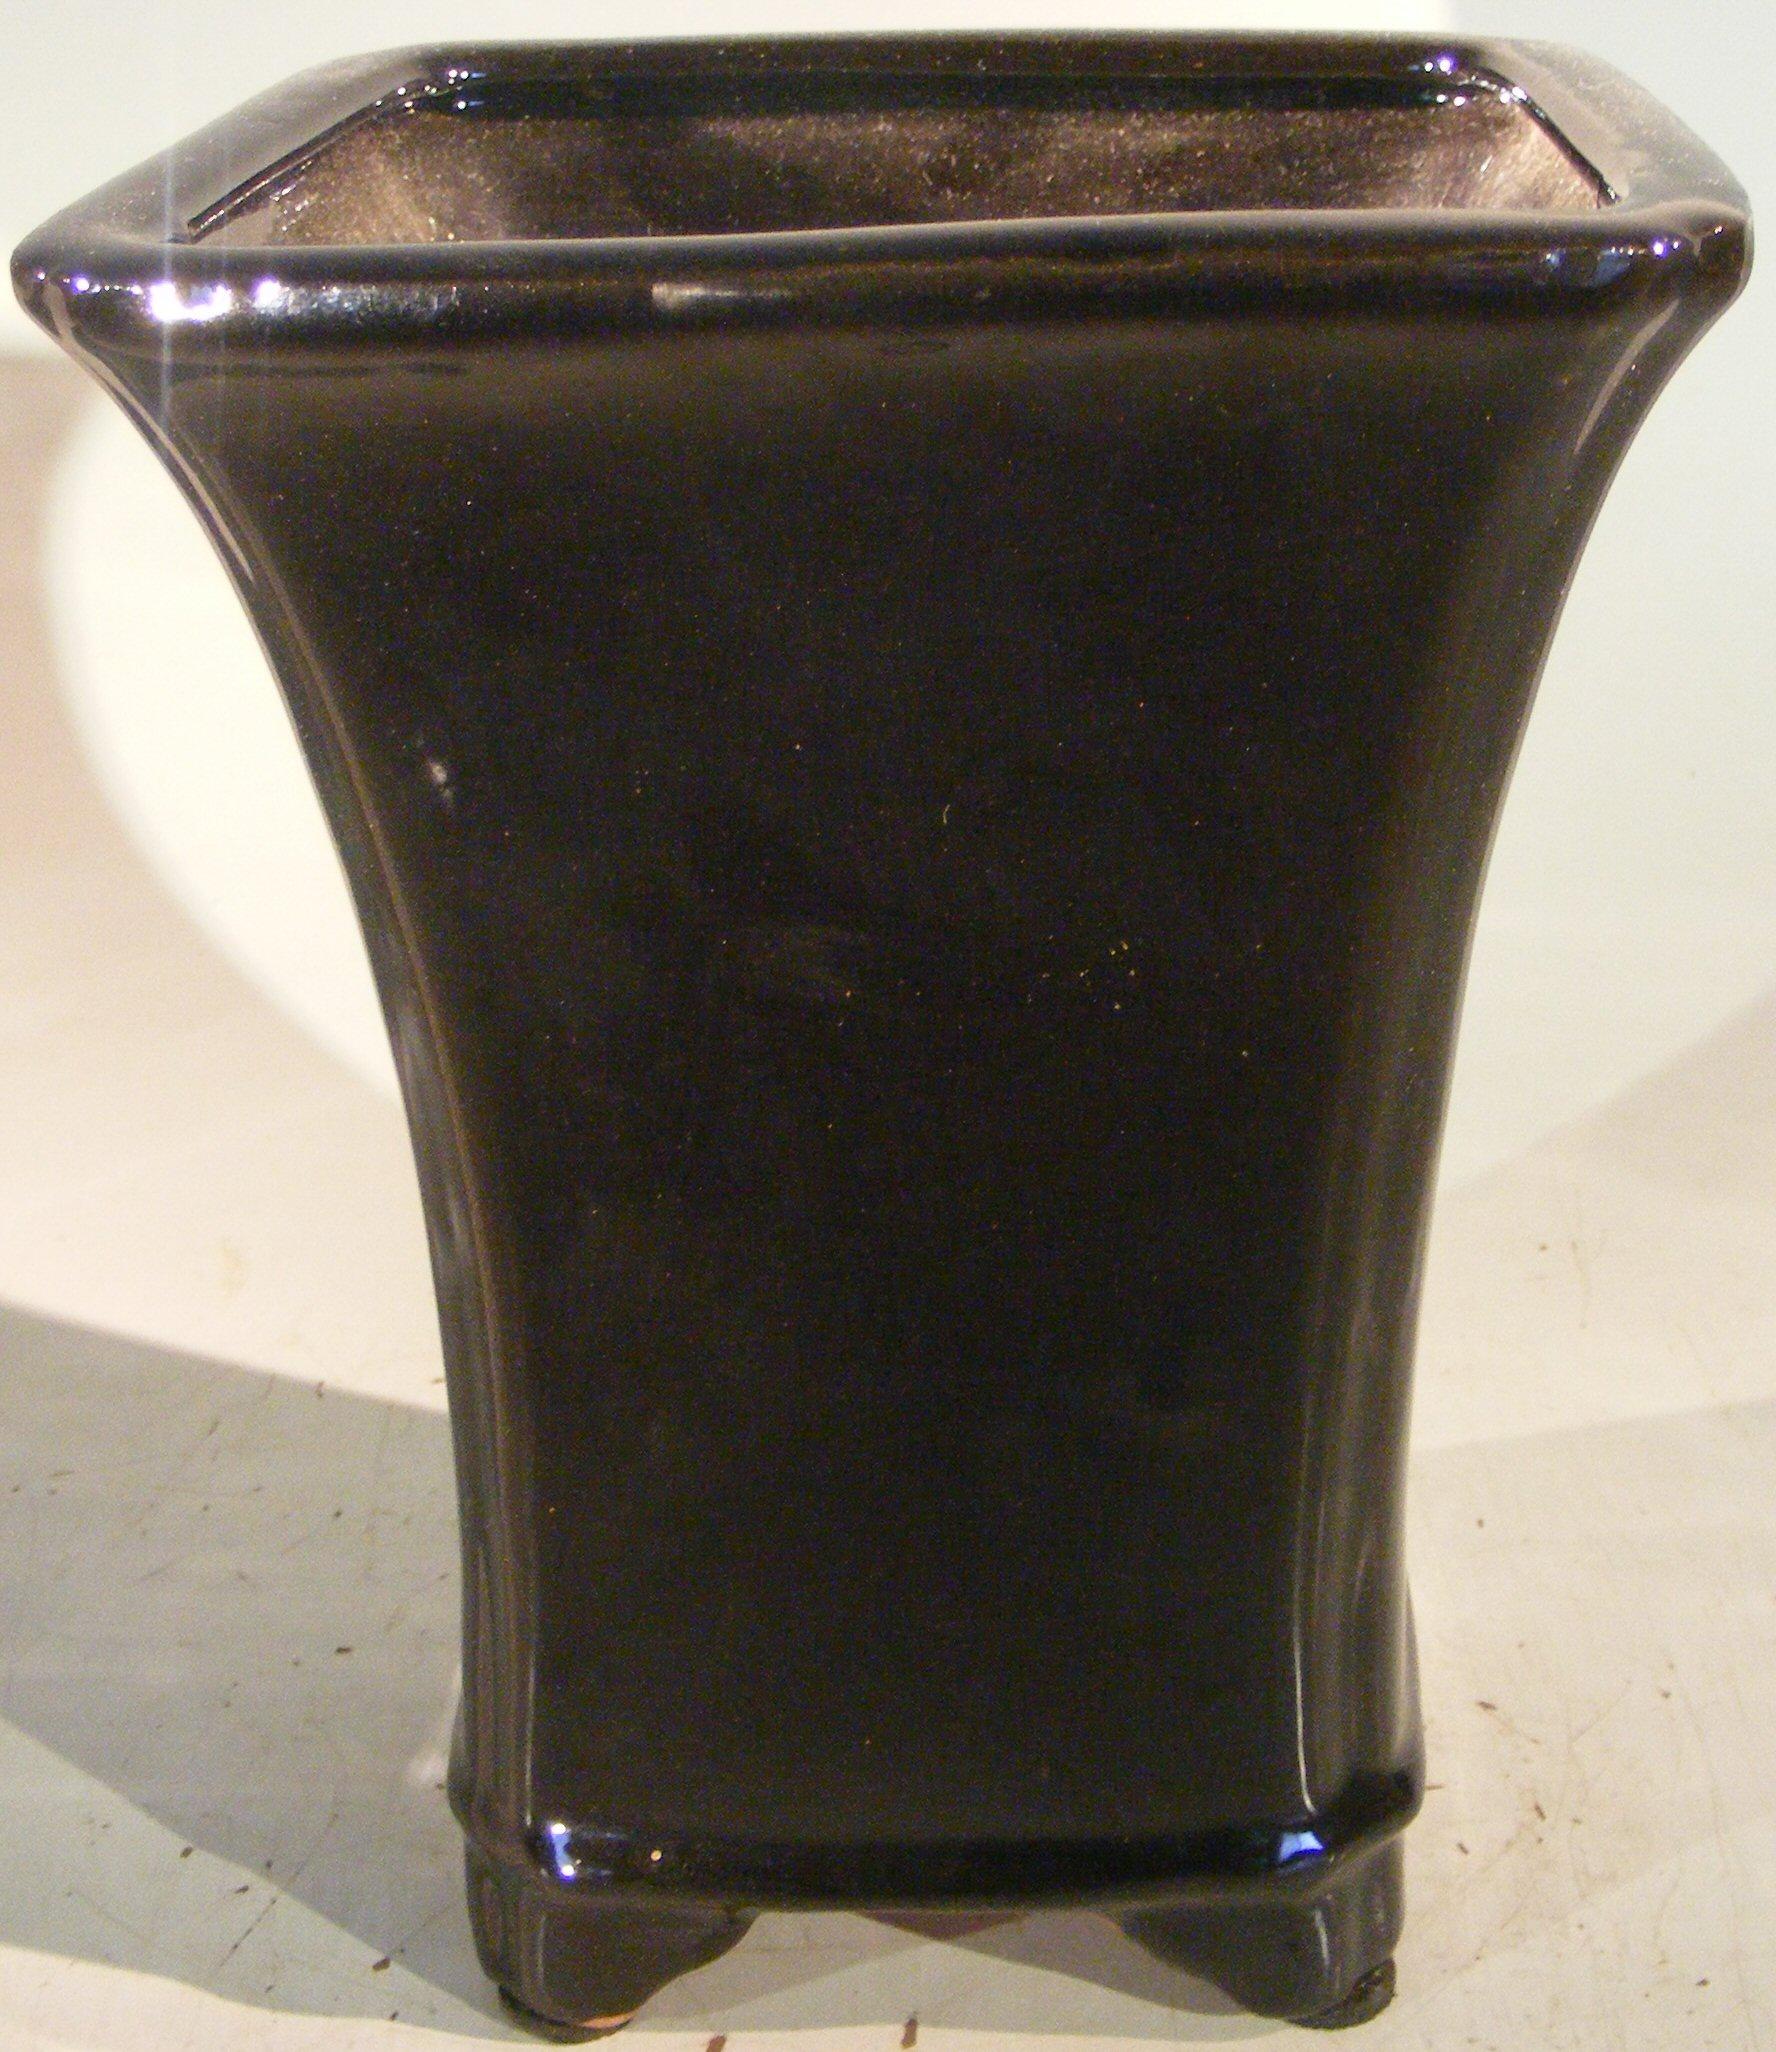 Black Ceramic Bonsai Pot - Cascade 6.25 x 6.25 x 8 tall OD, 5 x 5 x 7 tall ID Image